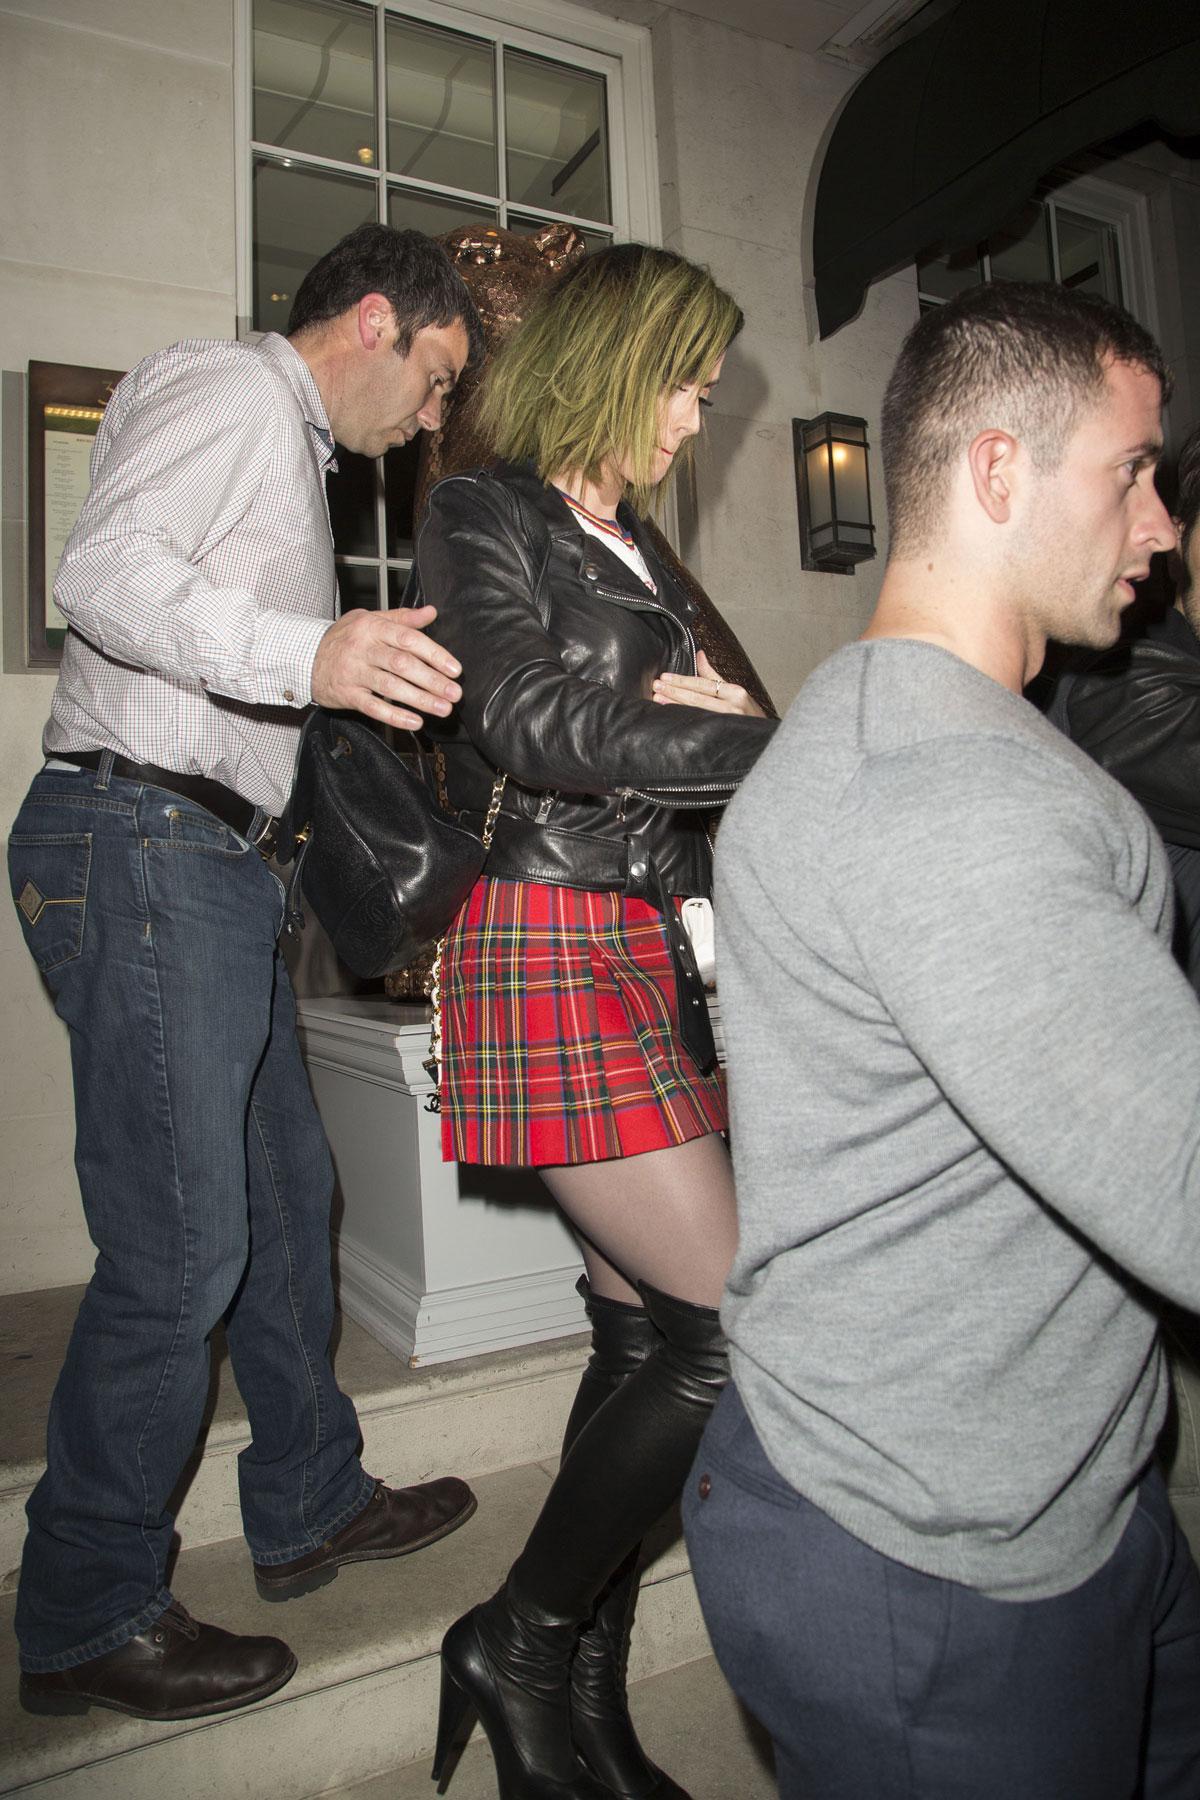 Katy Perry leaving 34 restaurant in Mayfair